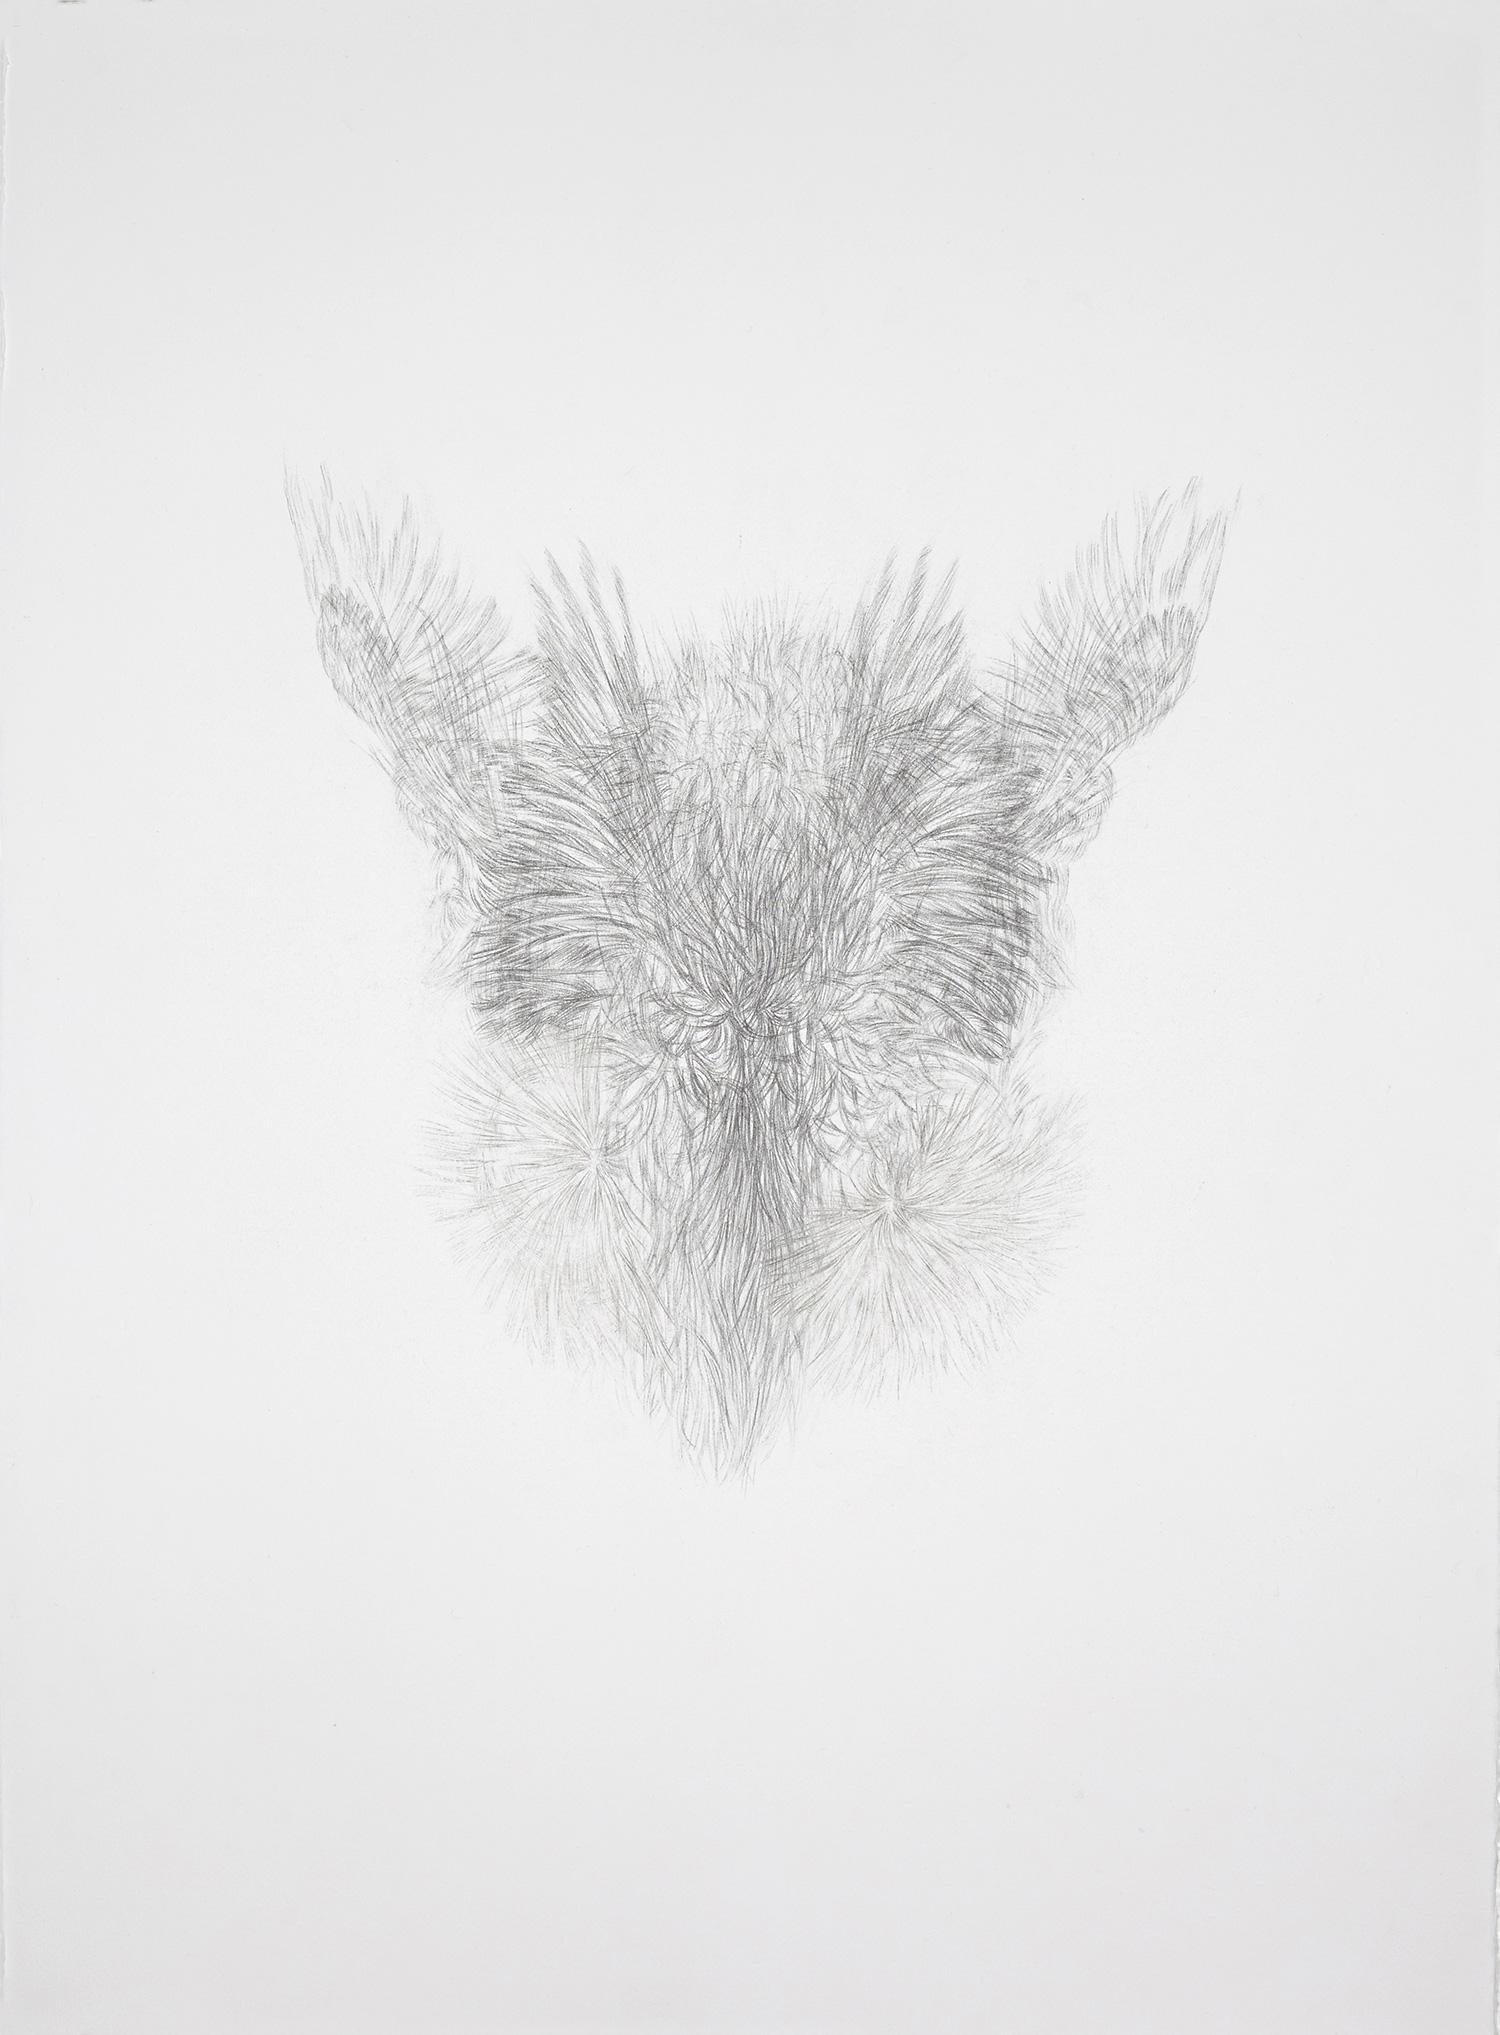 <i>derrière les secrets</i>, 2016, graphite, 76x56cm